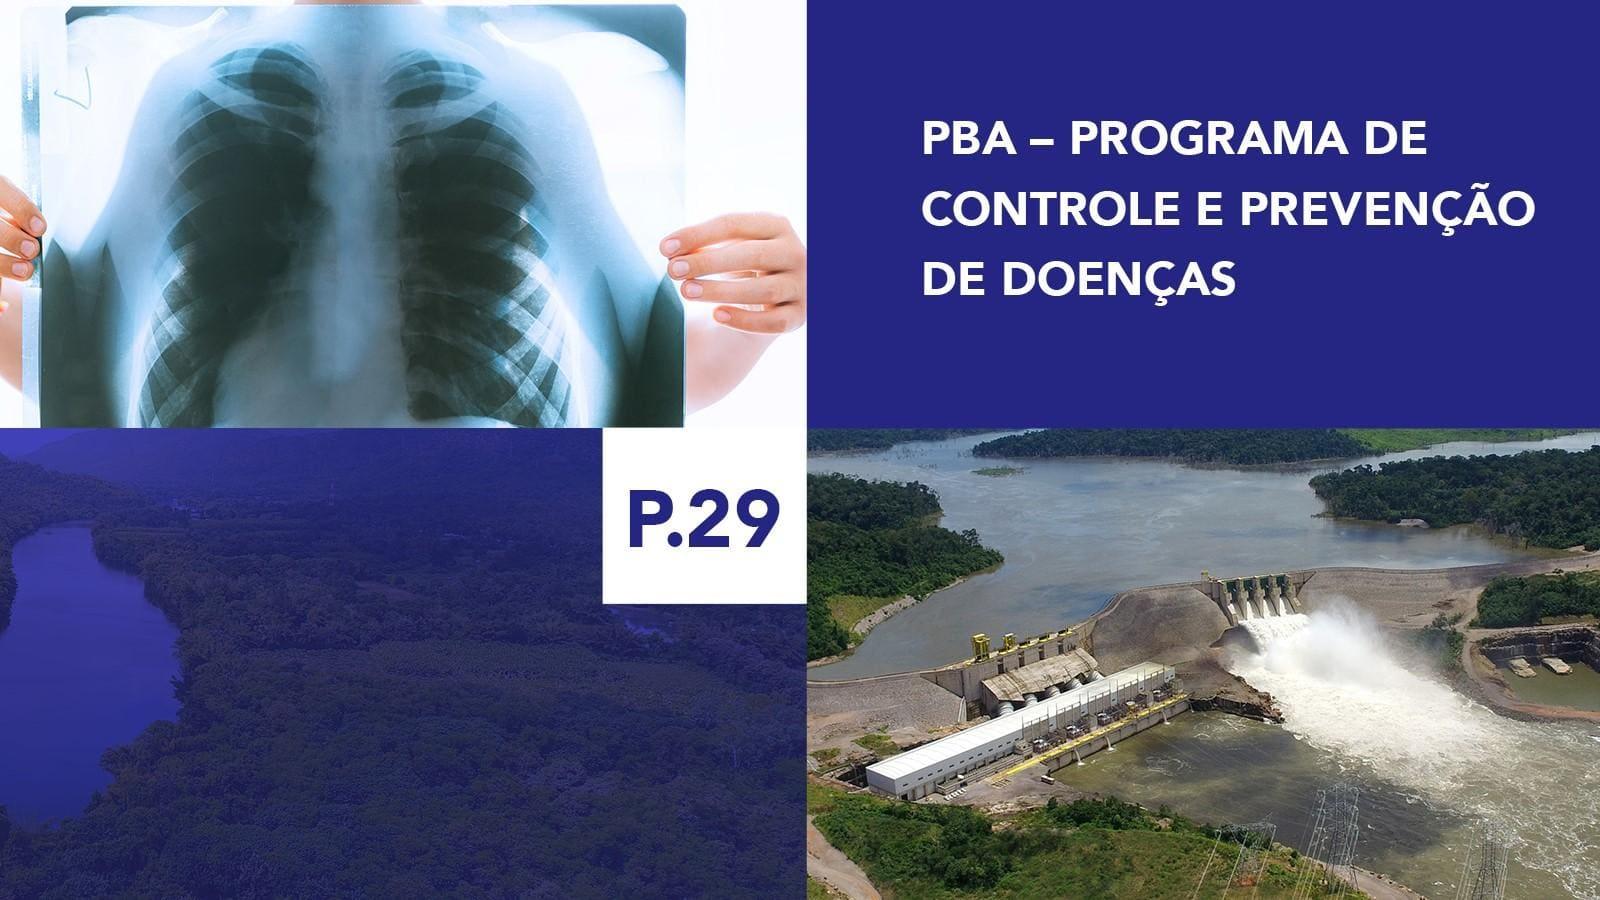 P.29 - Programa de Controle e Prevenção de Doenças